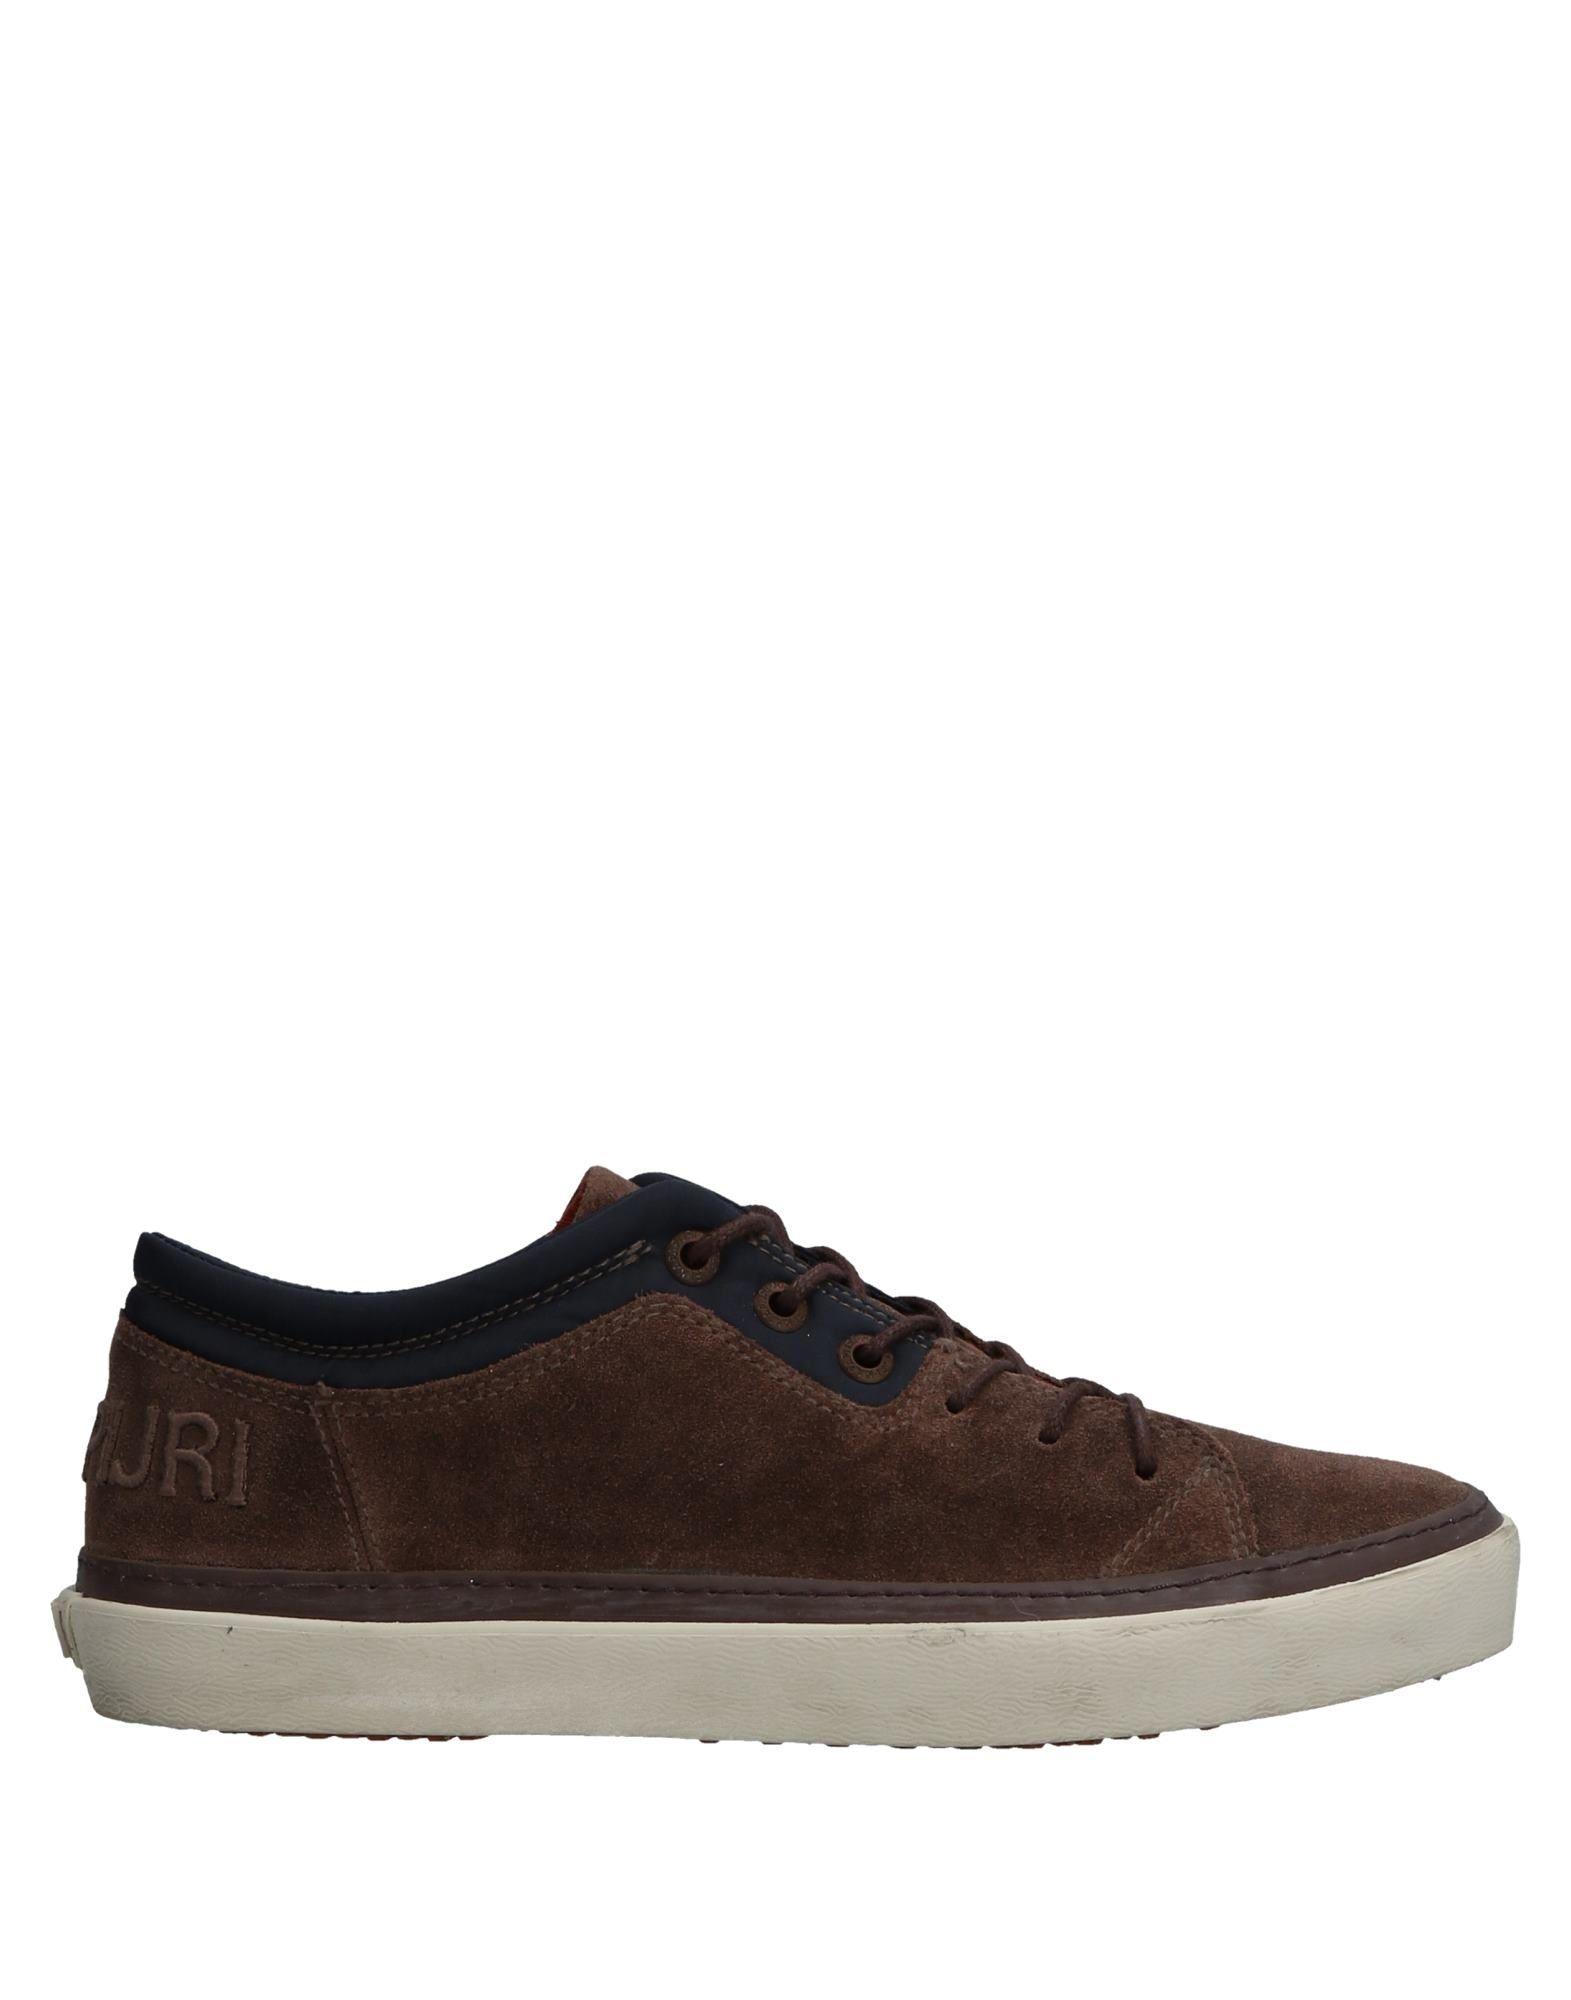 Moda Sneakers Napapijri Uomo - 11527486CN